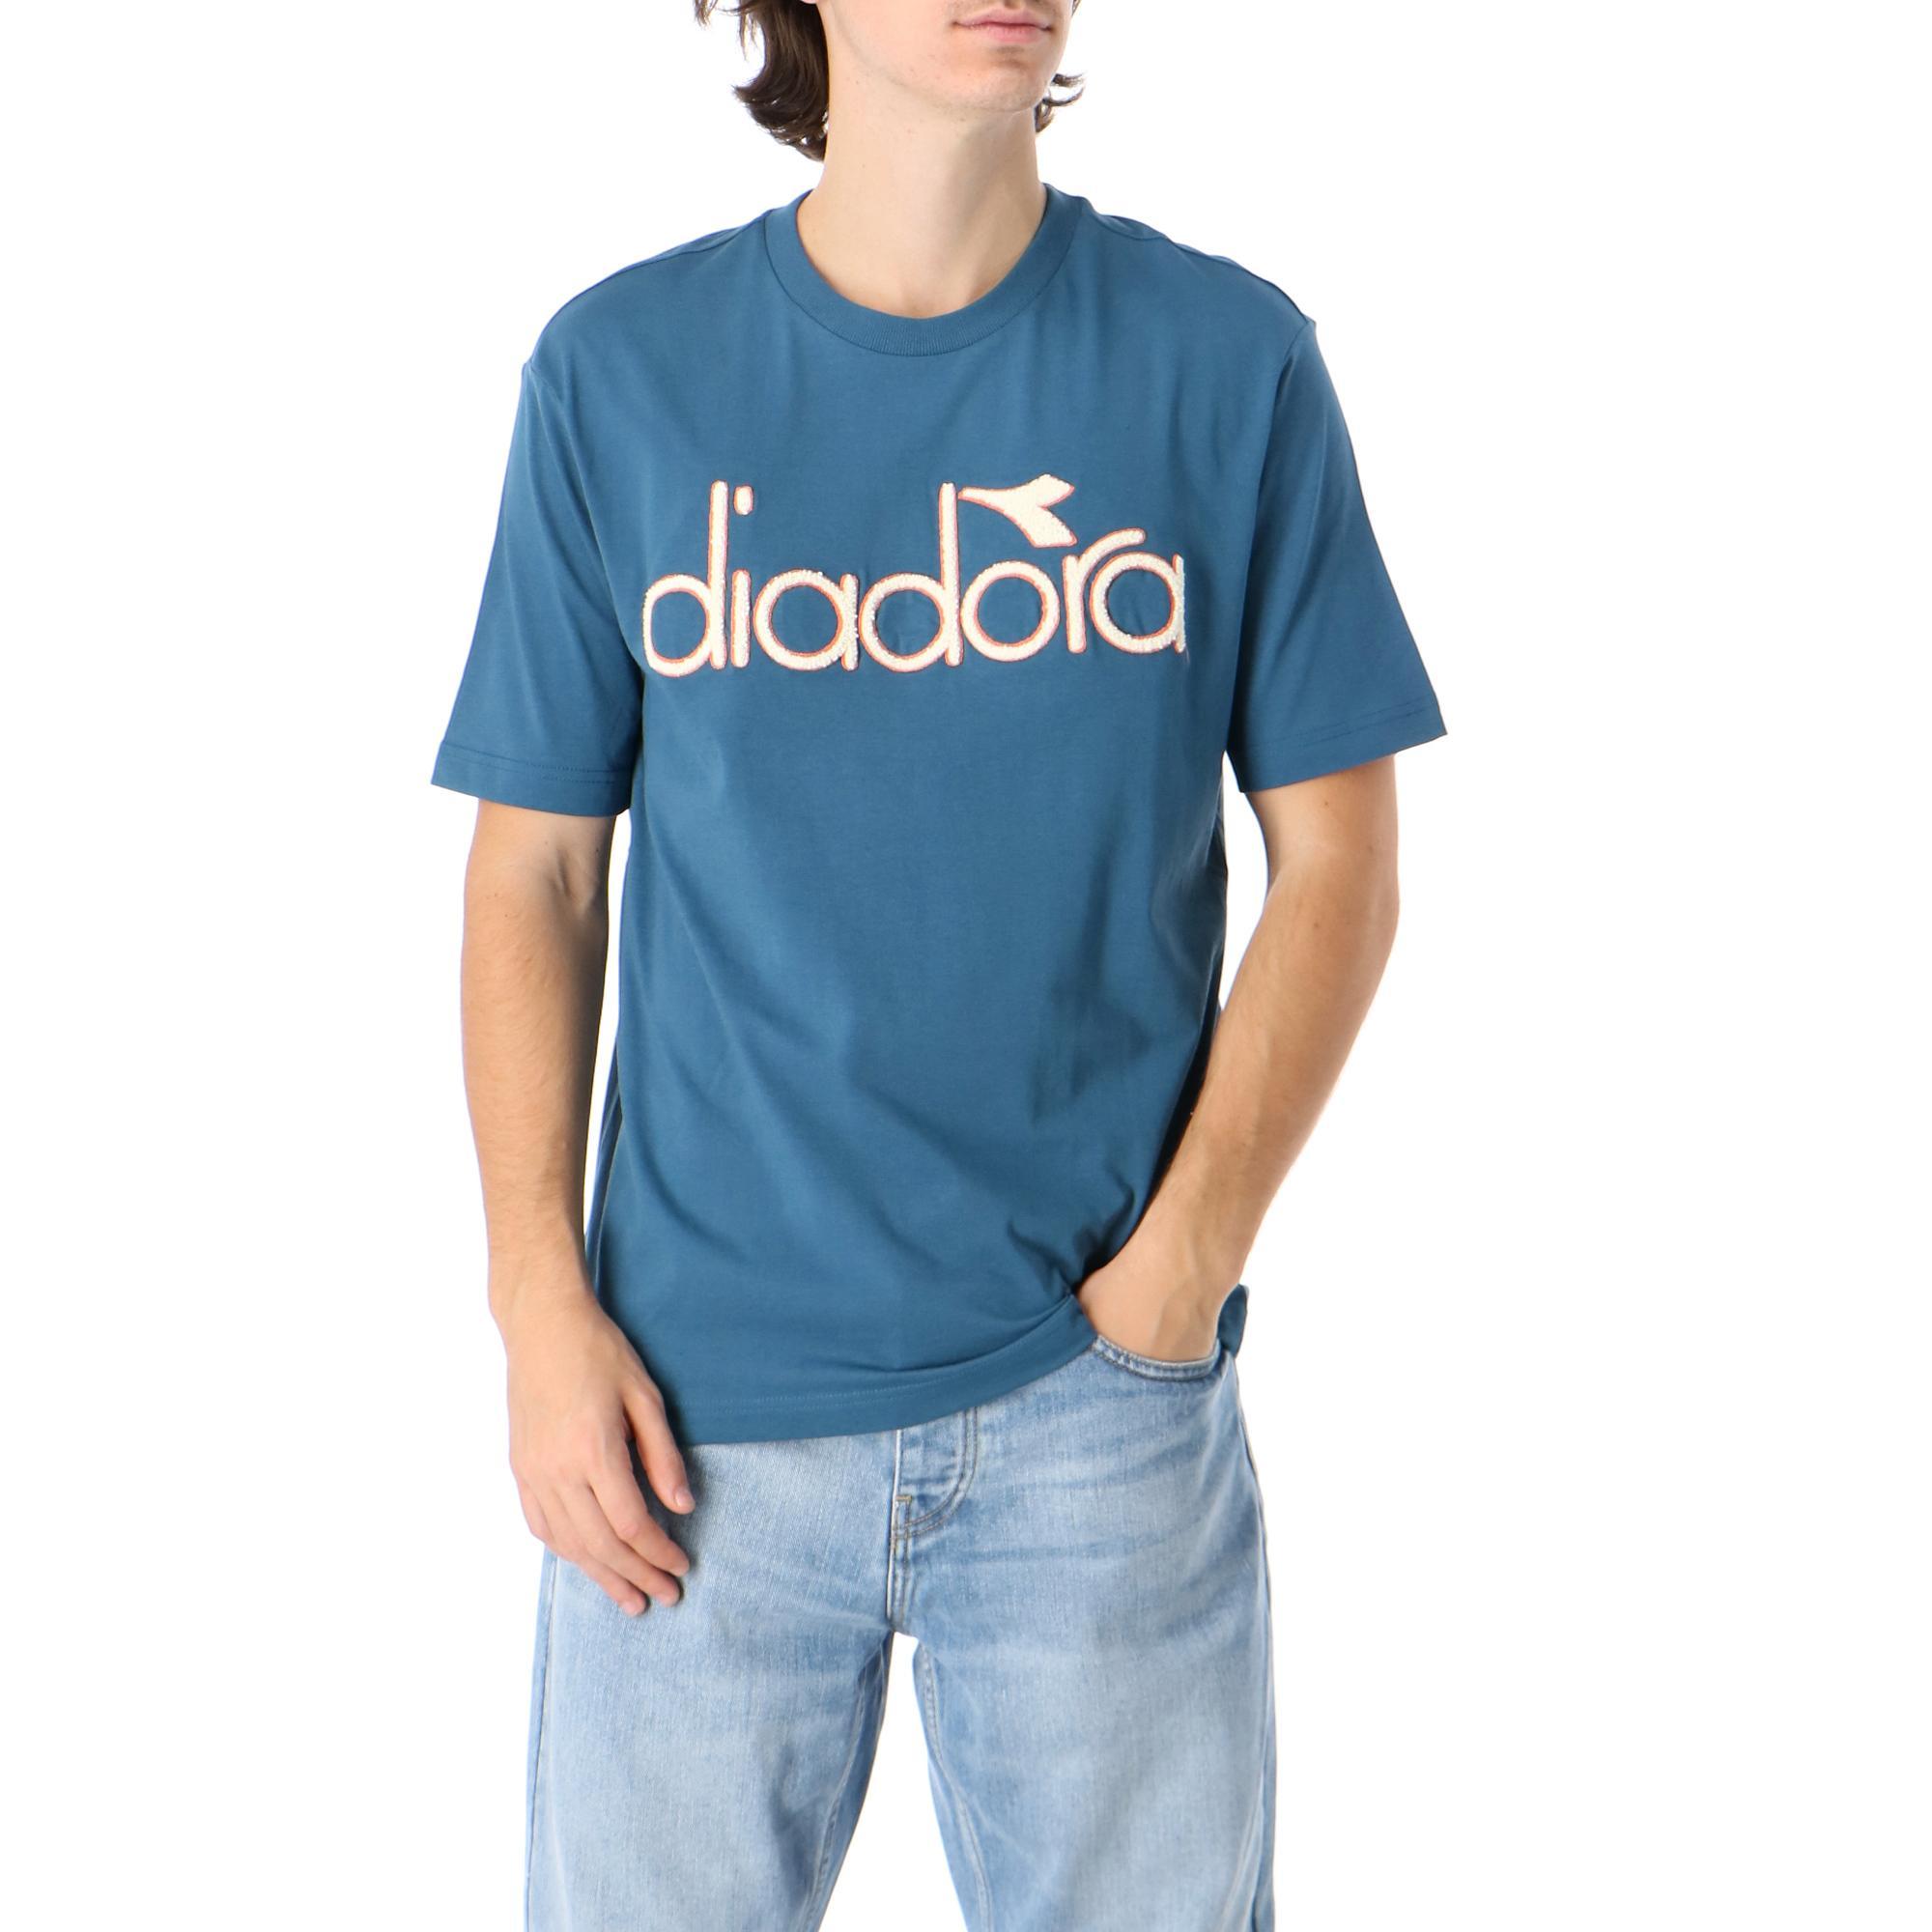 Diadora Tshirt Ss 5palle Wnt Blue morrocan